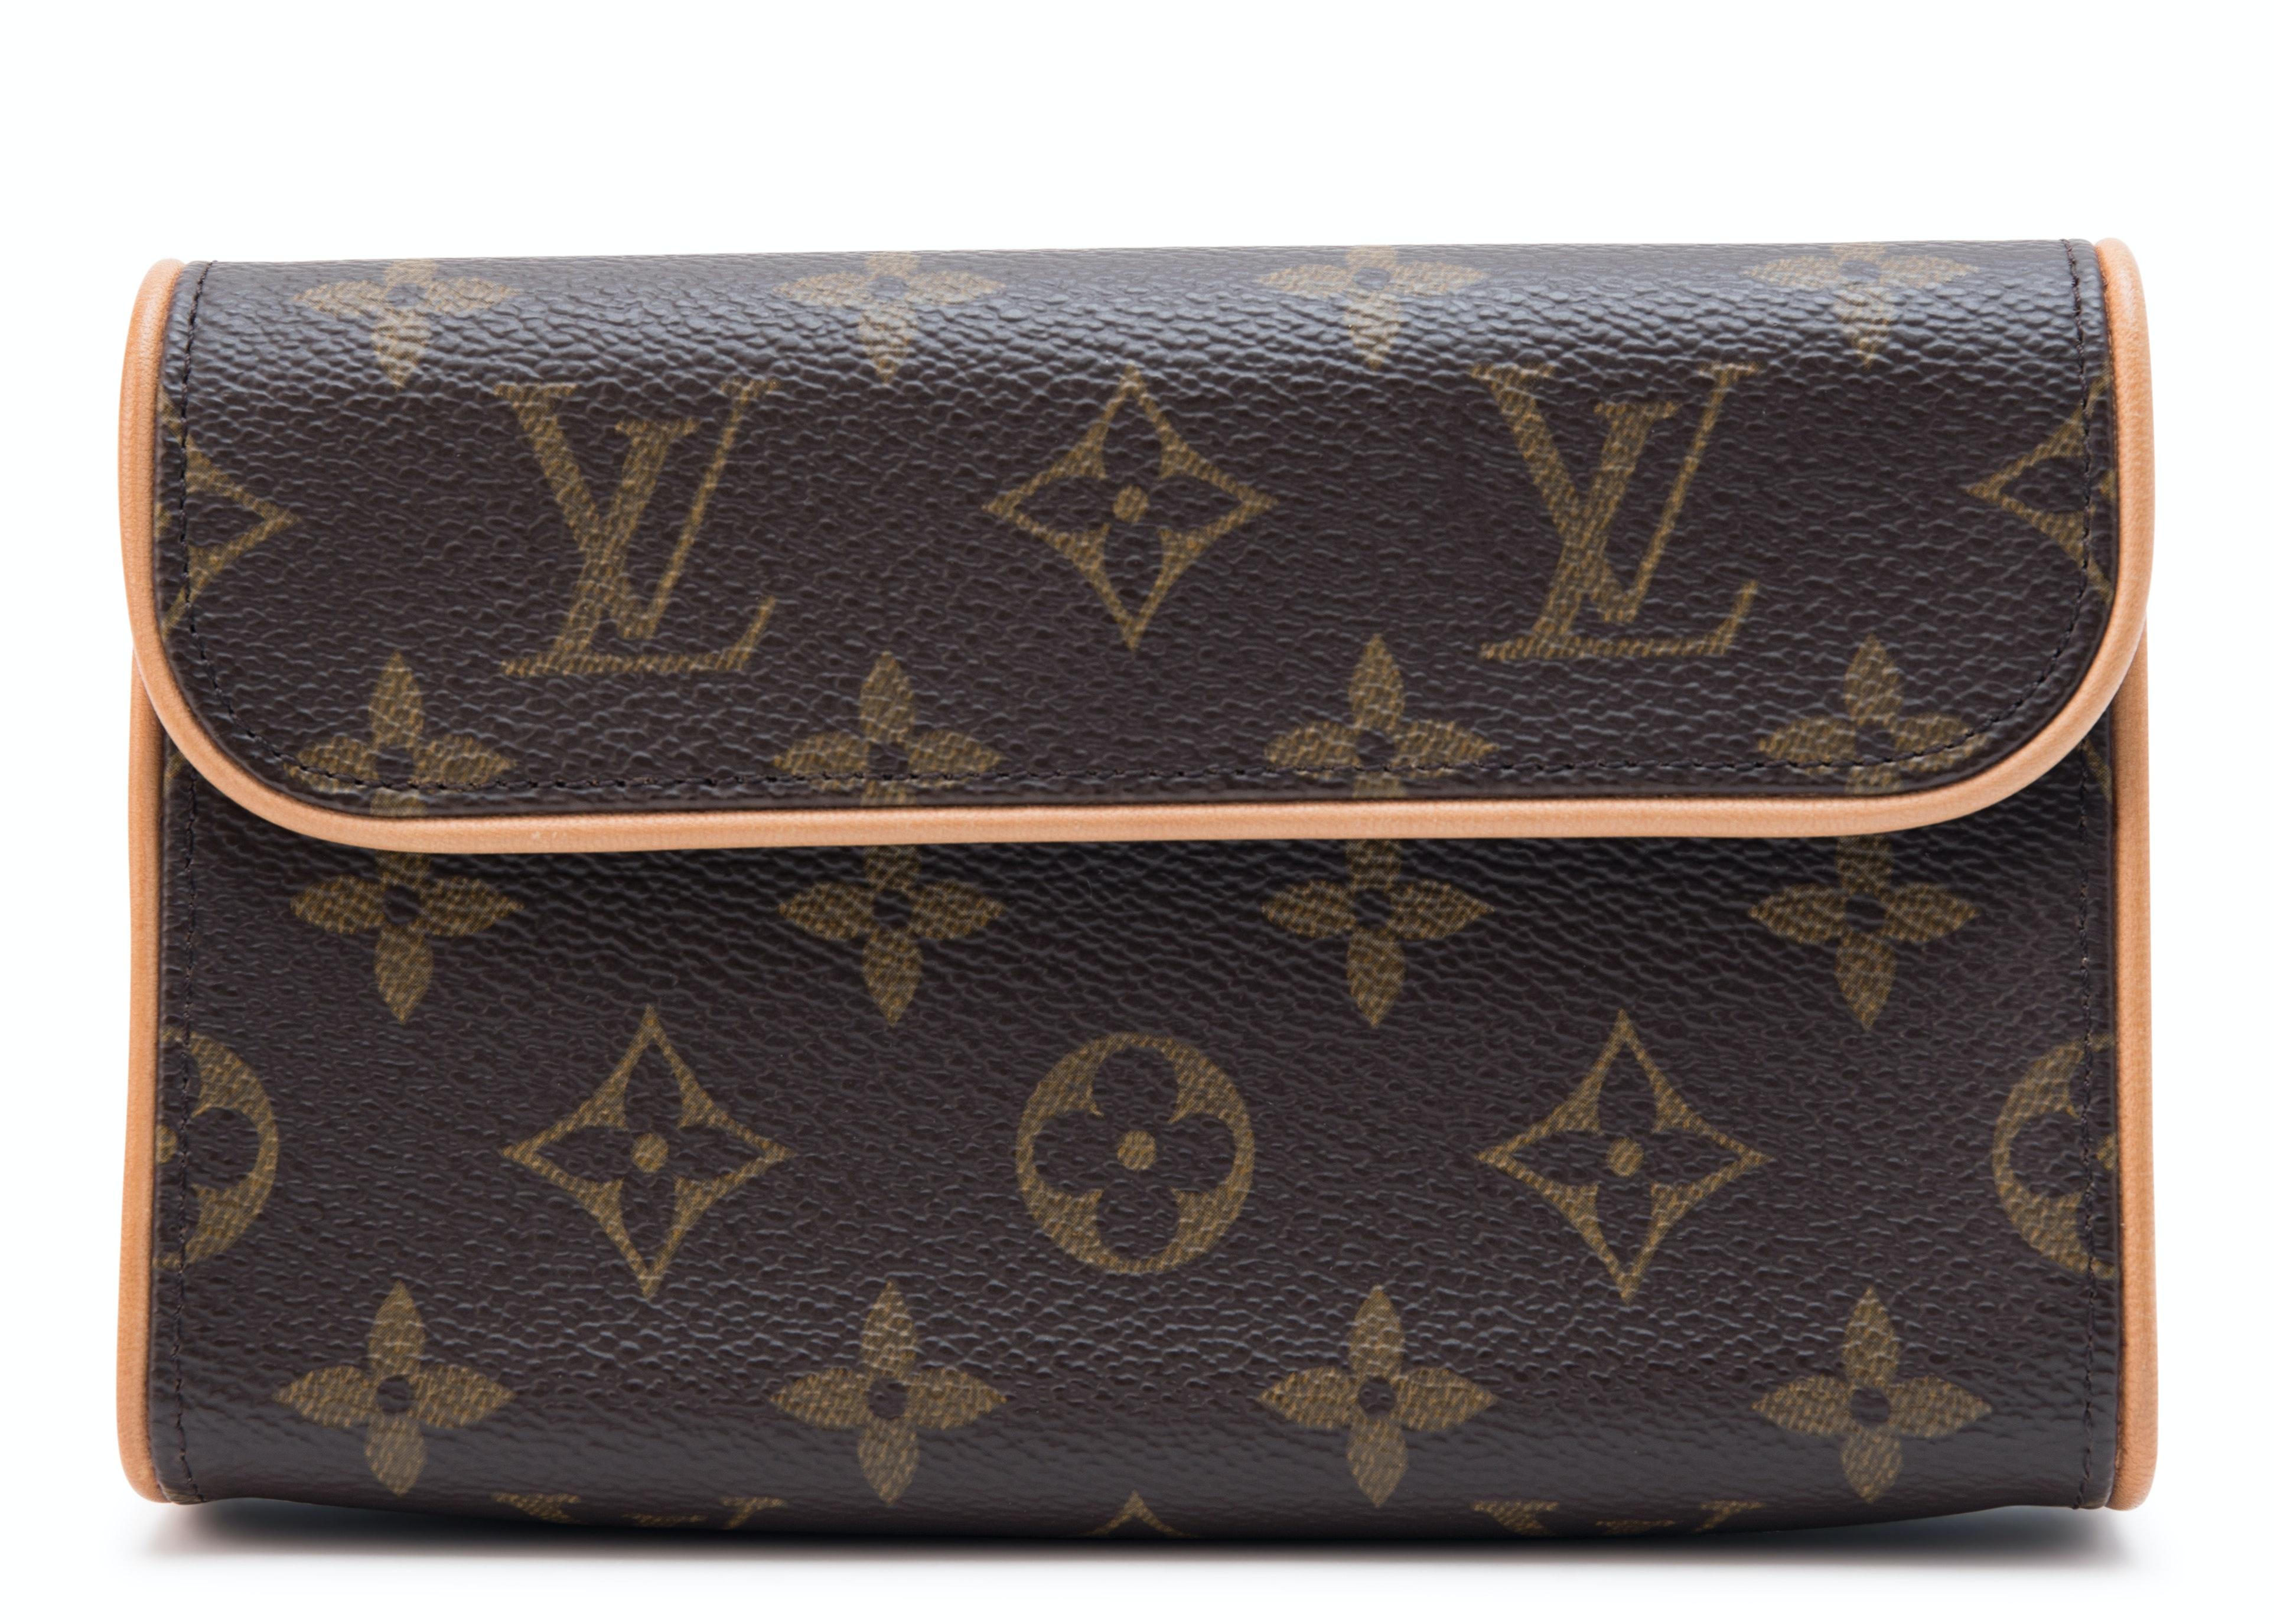 Louis Vuitton Pochette Florentine Monogram With Brass Buckle Leather Belt Brown